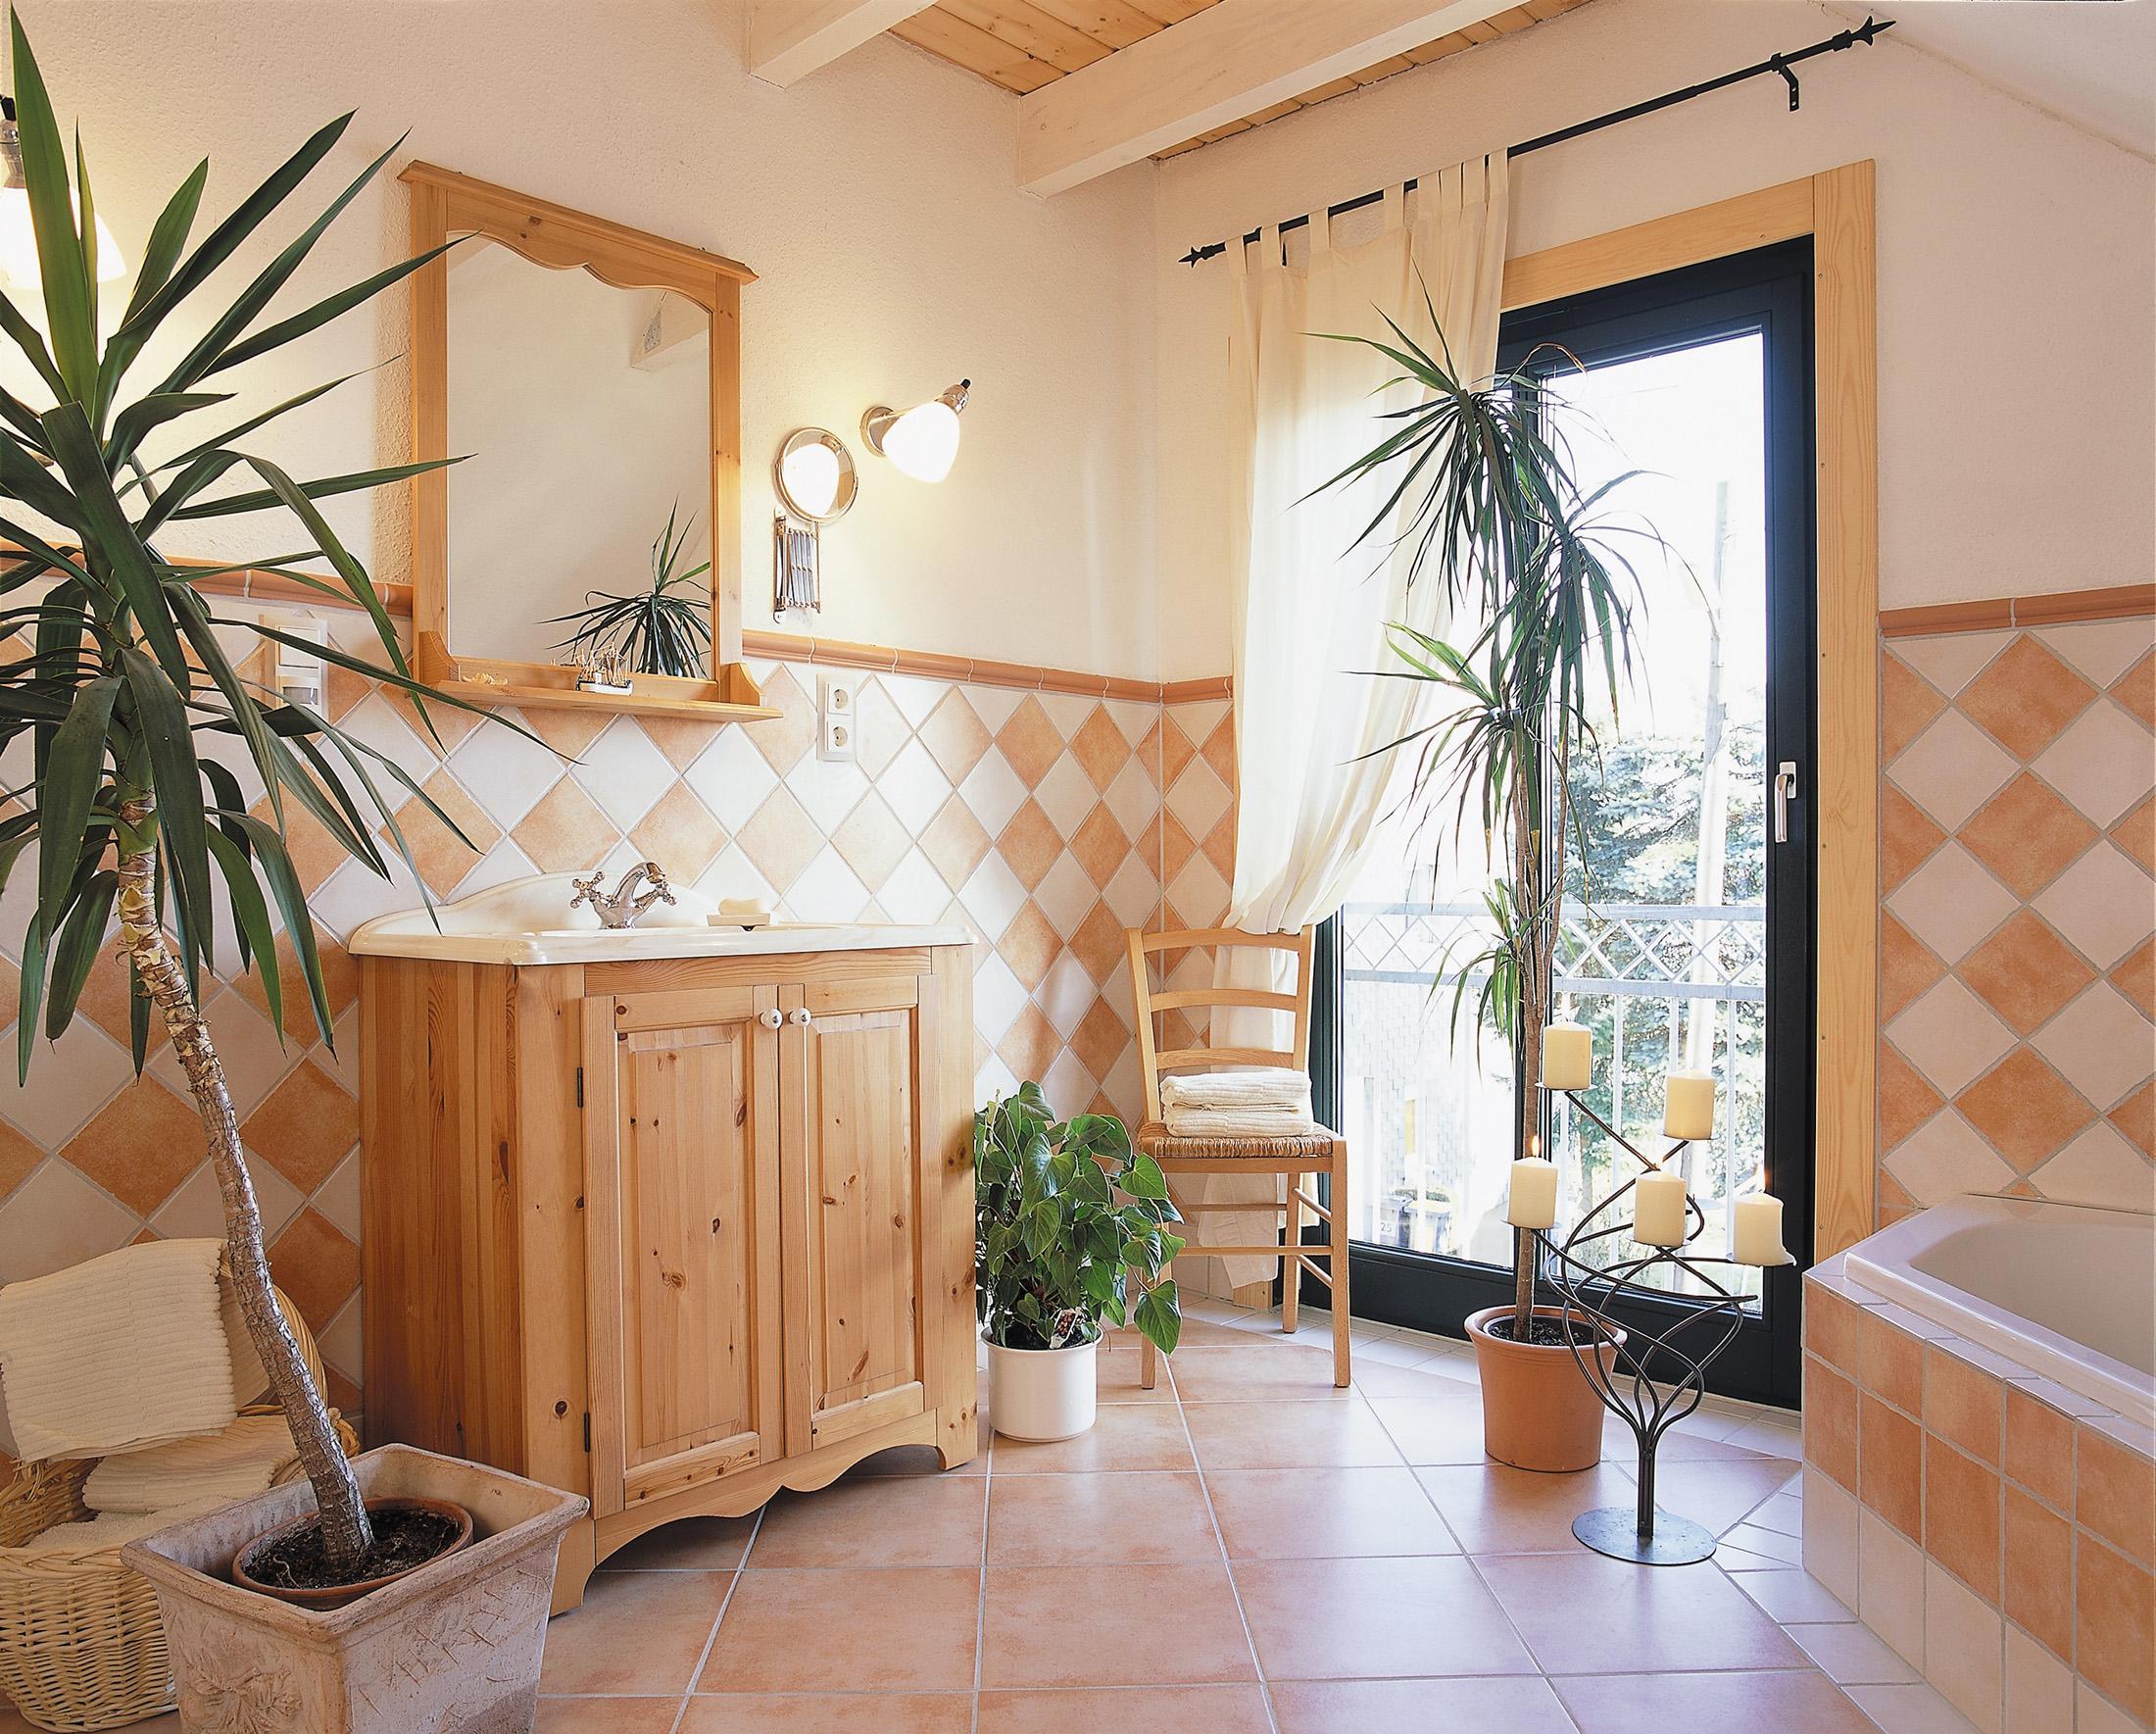 Mediterrane Fliesen Stuhl Balkontur Fliesen Bade